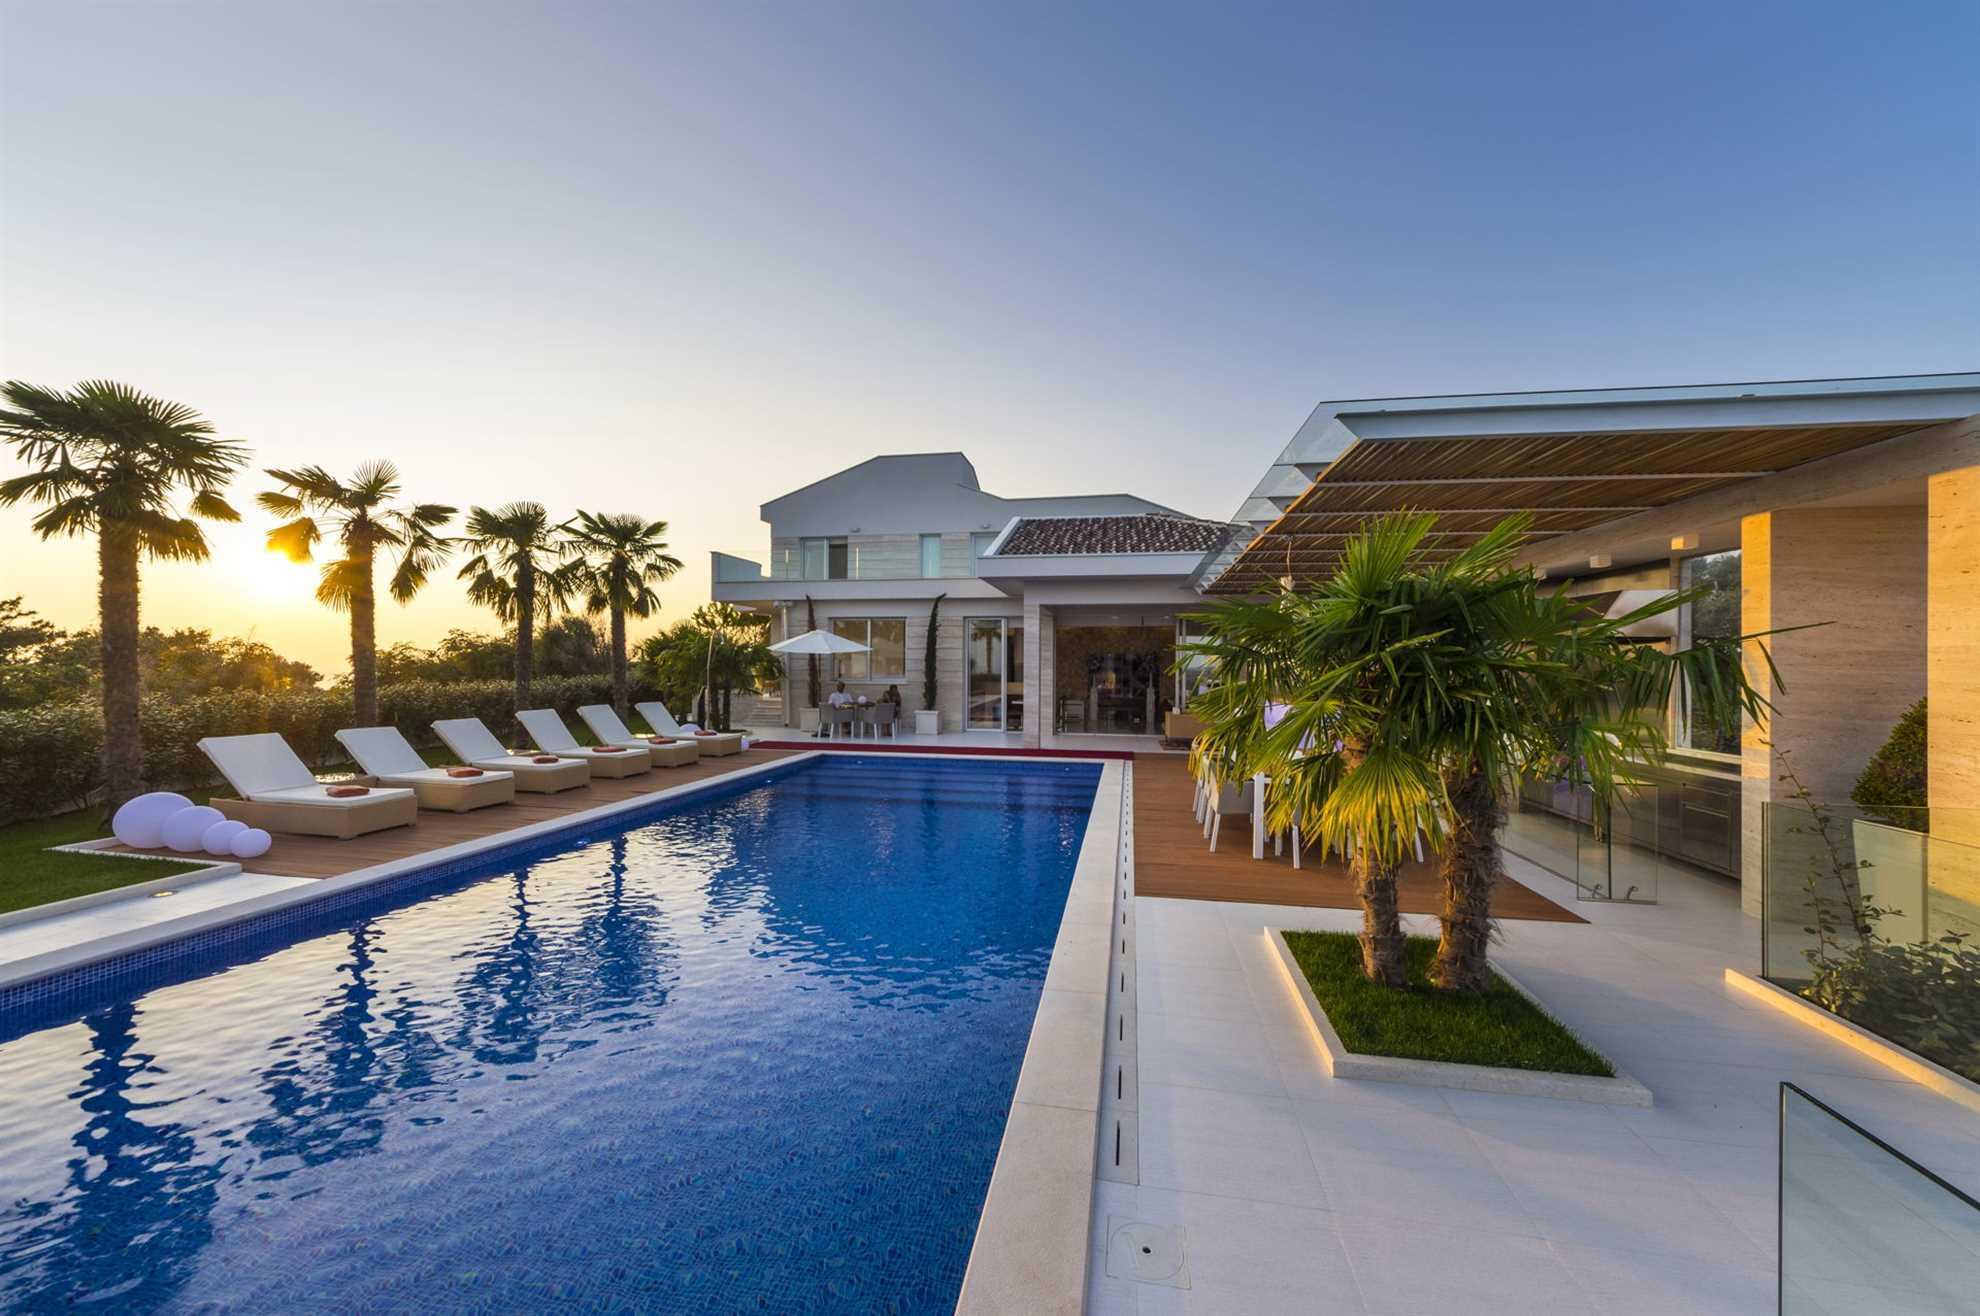 Villa Beyond on Pag island